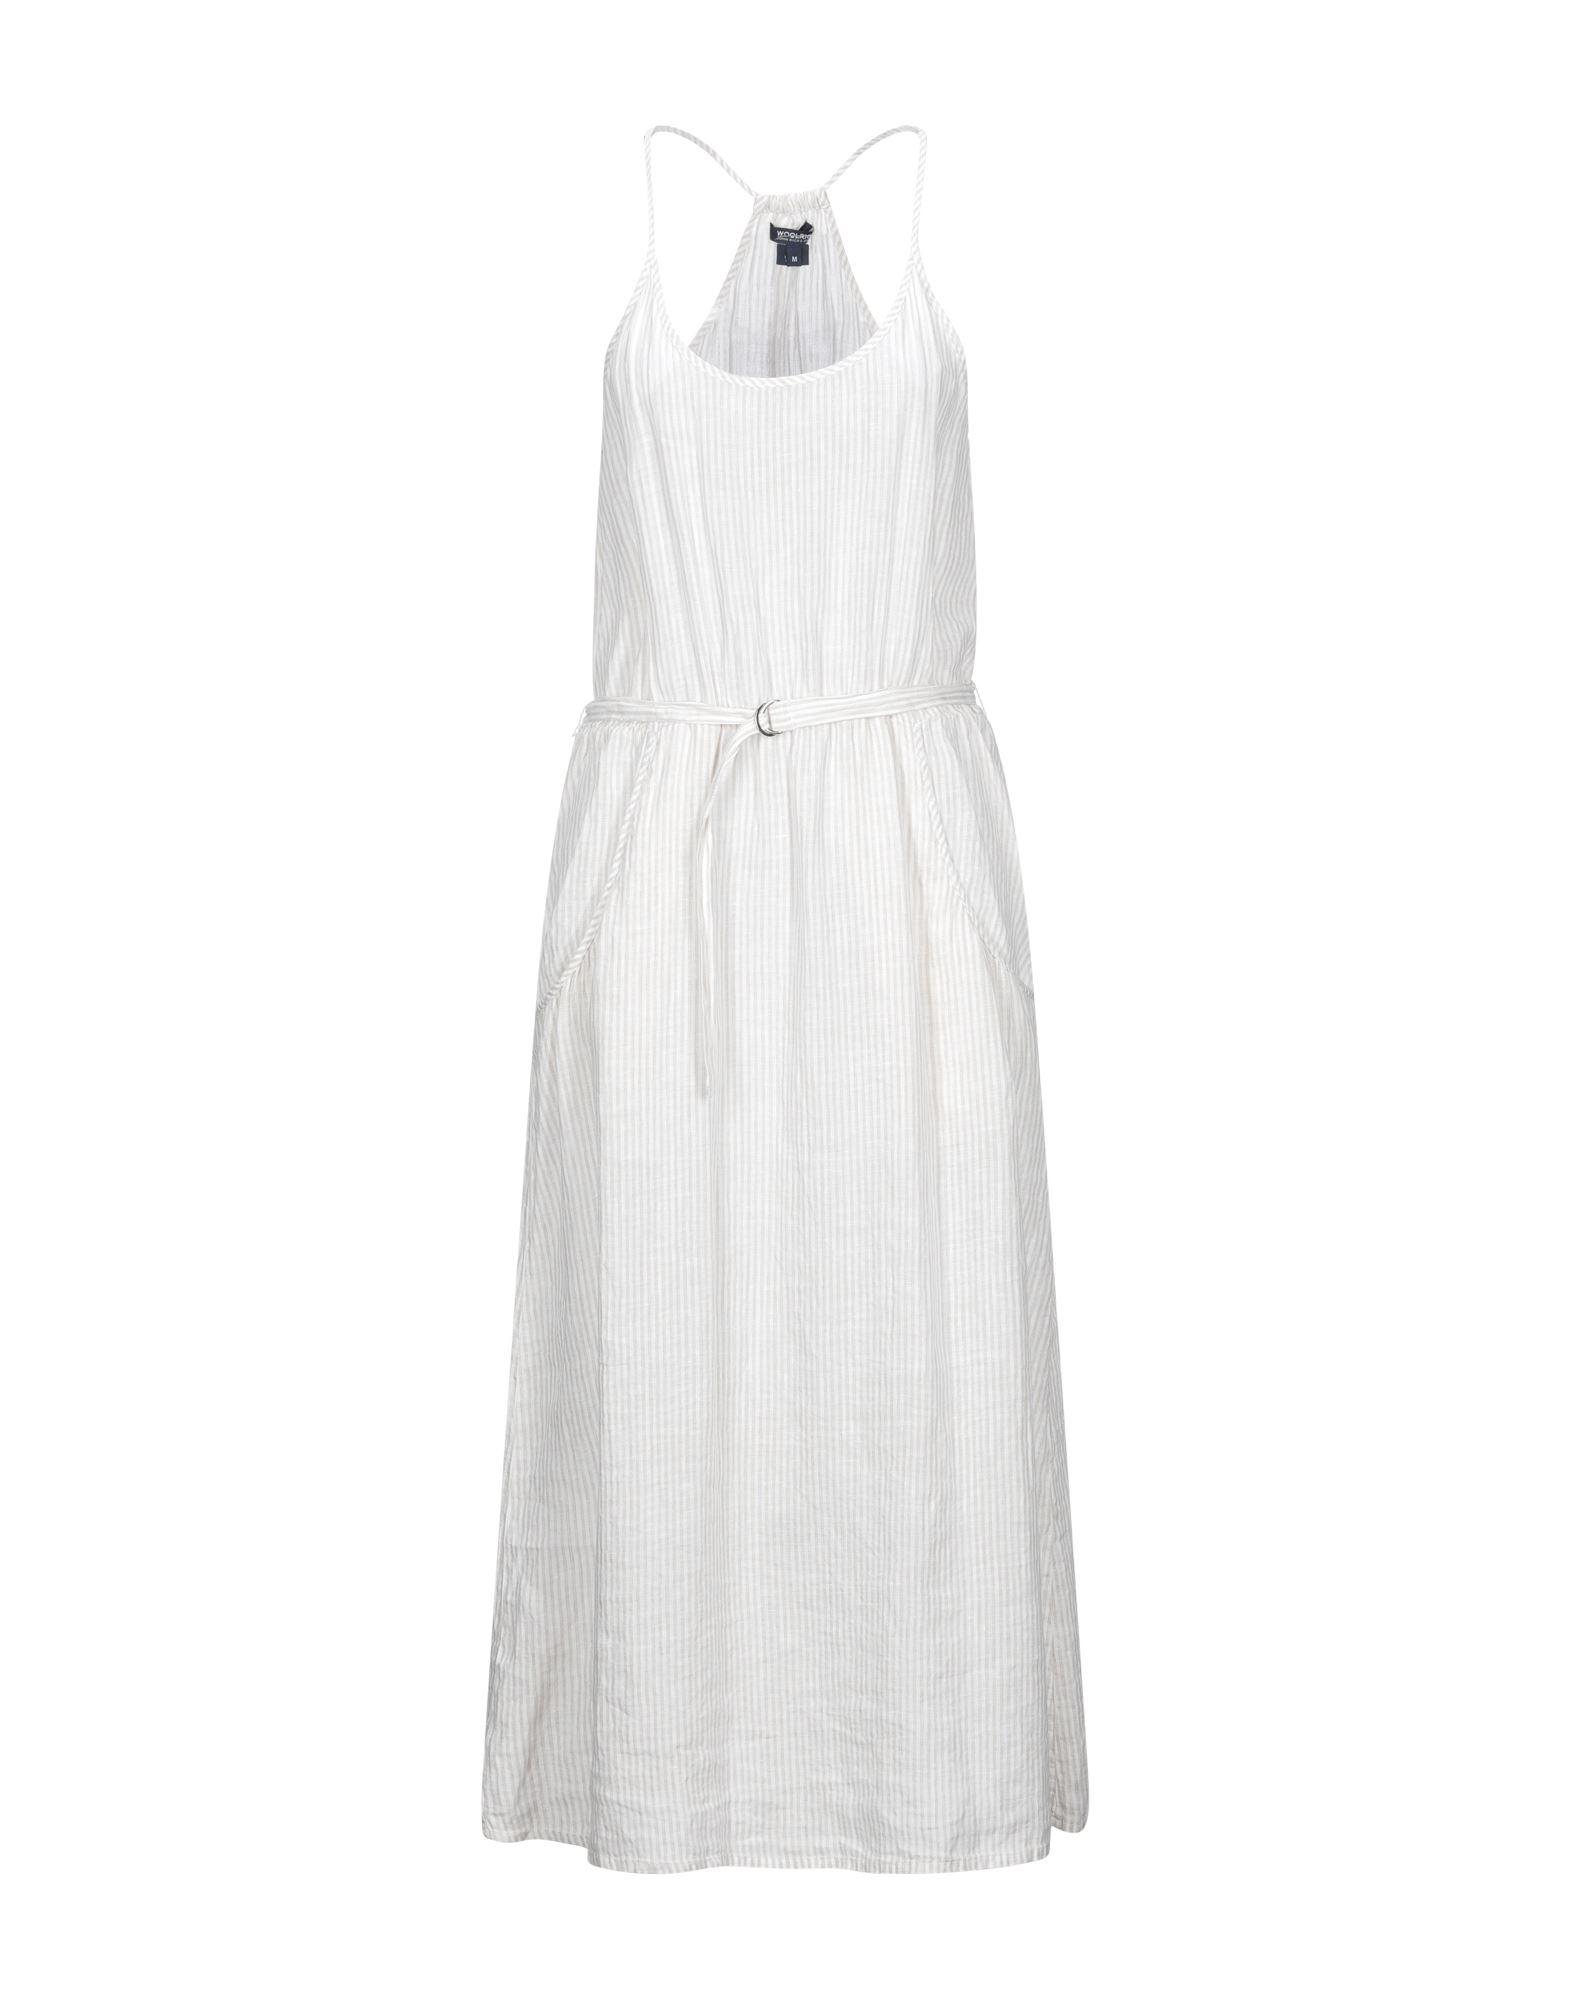 Фото - WOOLRICH Платье длиной 3/4 woolrich топ без рукавов